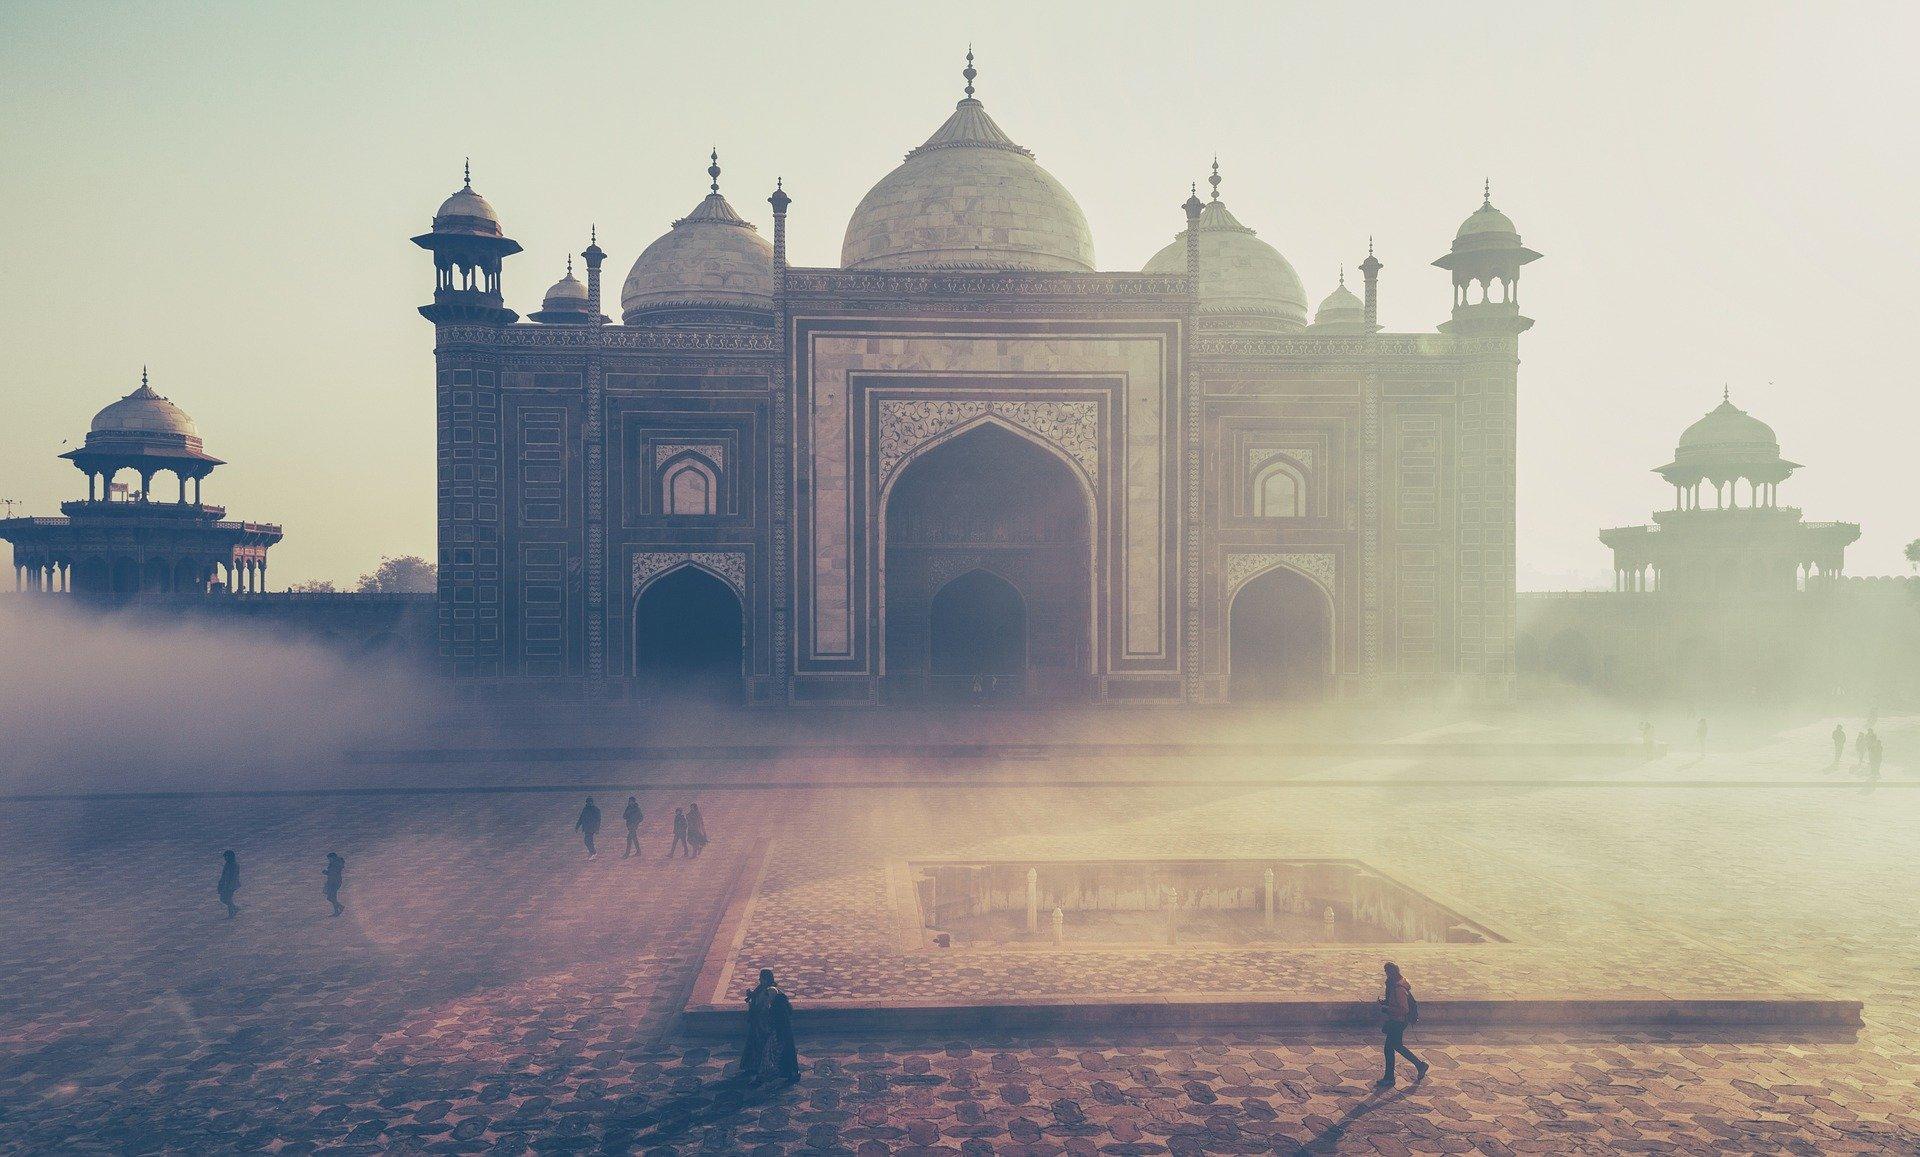 当初インドは5G通信網からファーウェイを排除せず